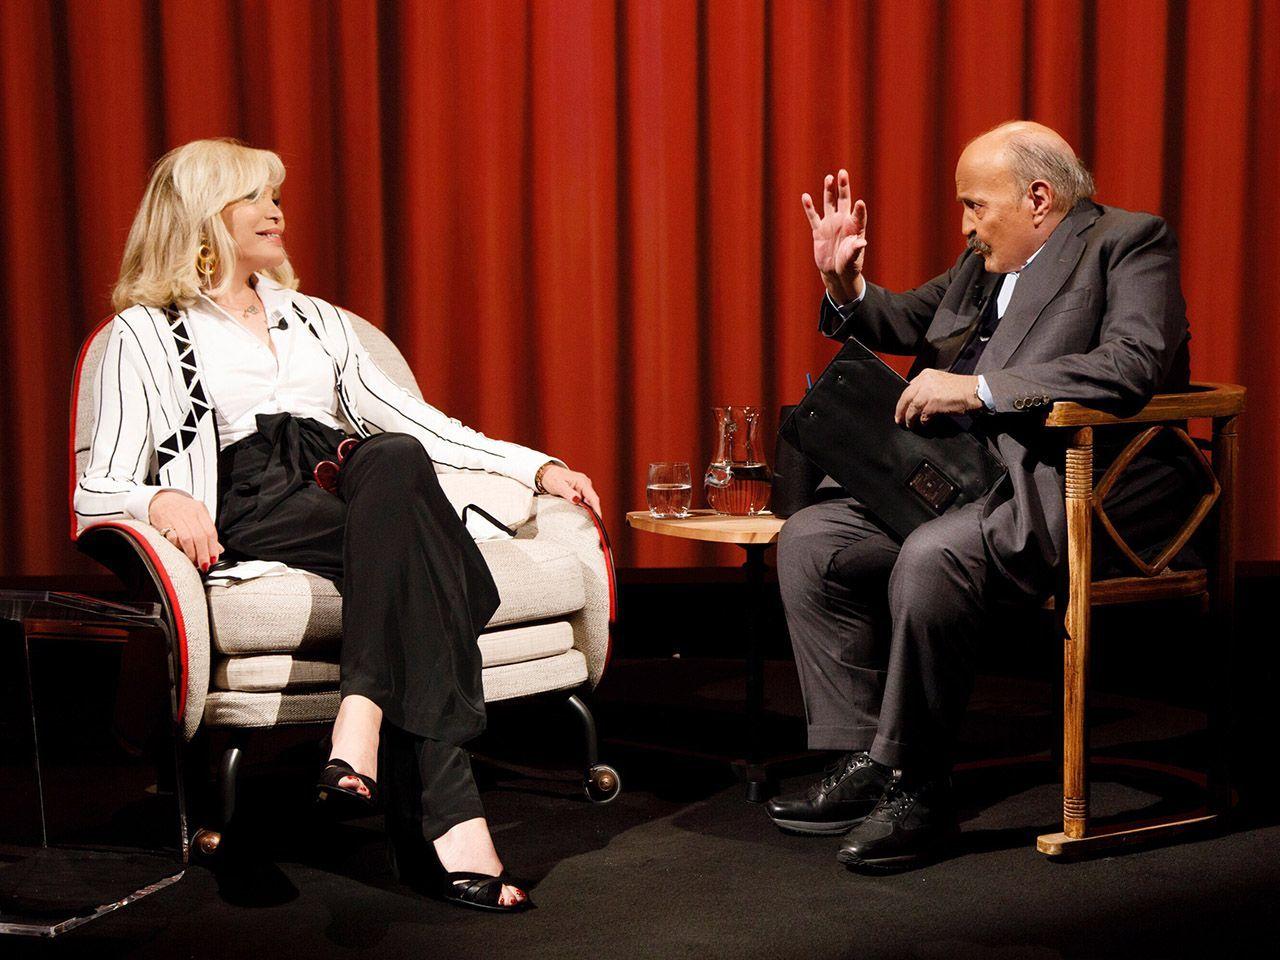 Amanda Lear a L'Intervista